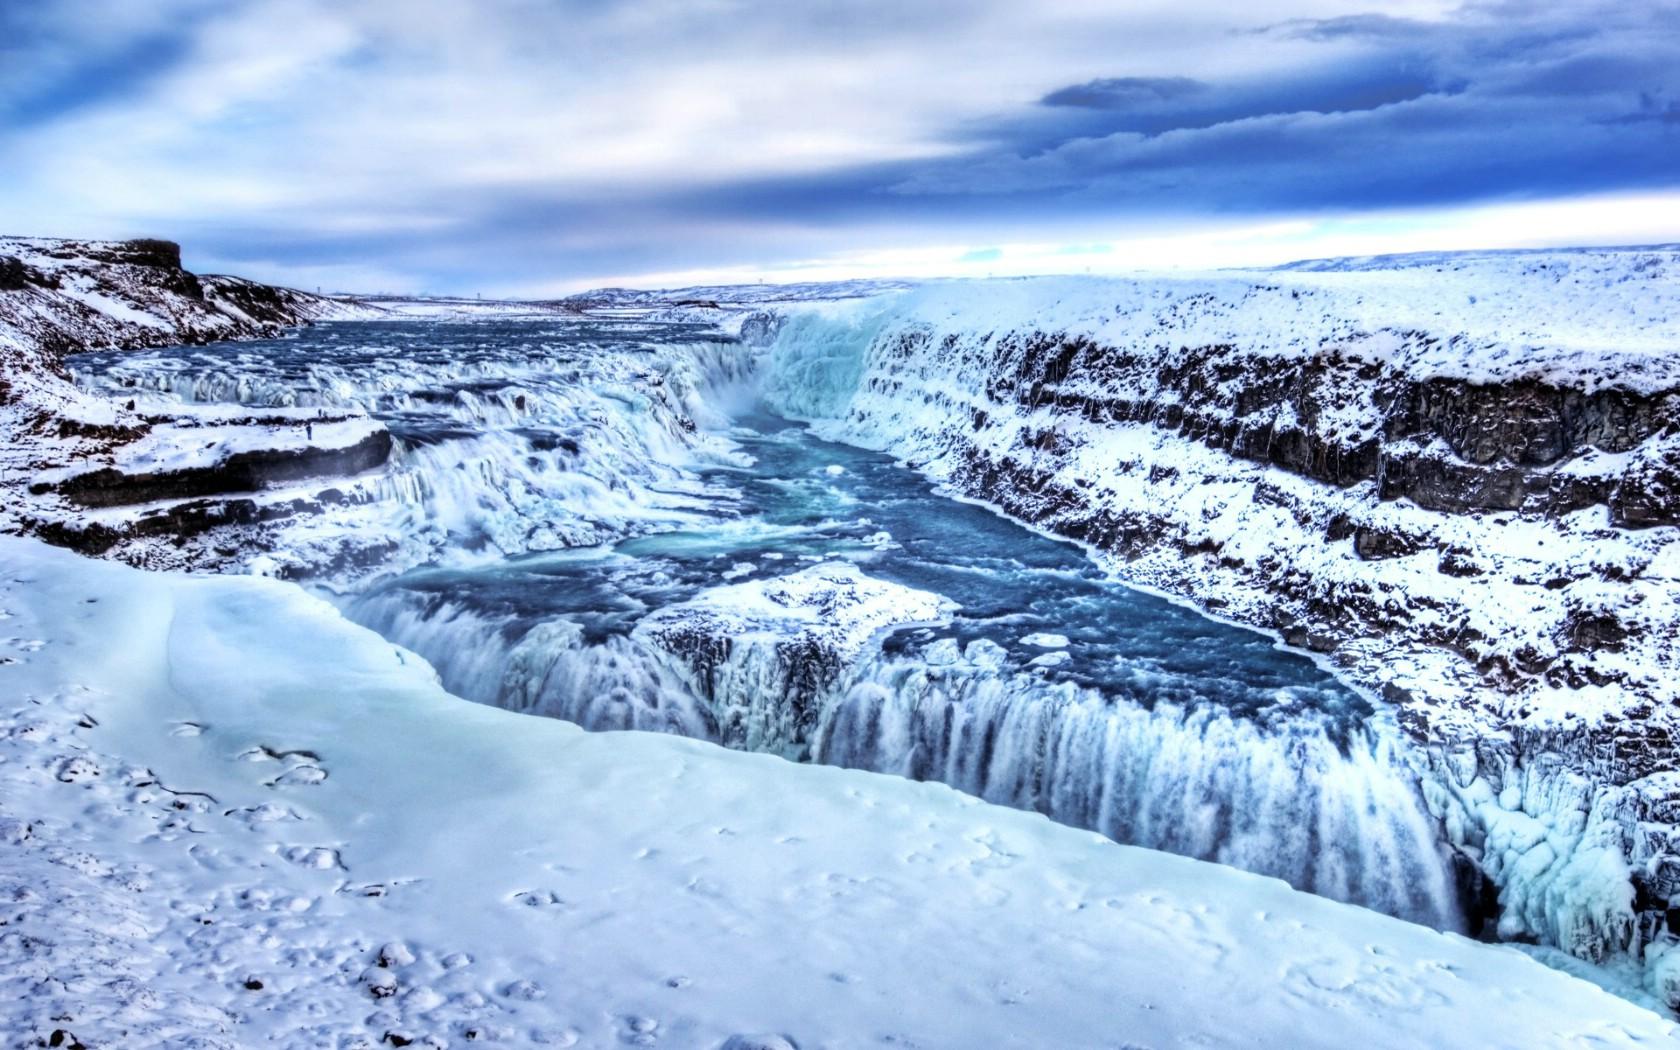 我想去冰岛,那个美丽的地方